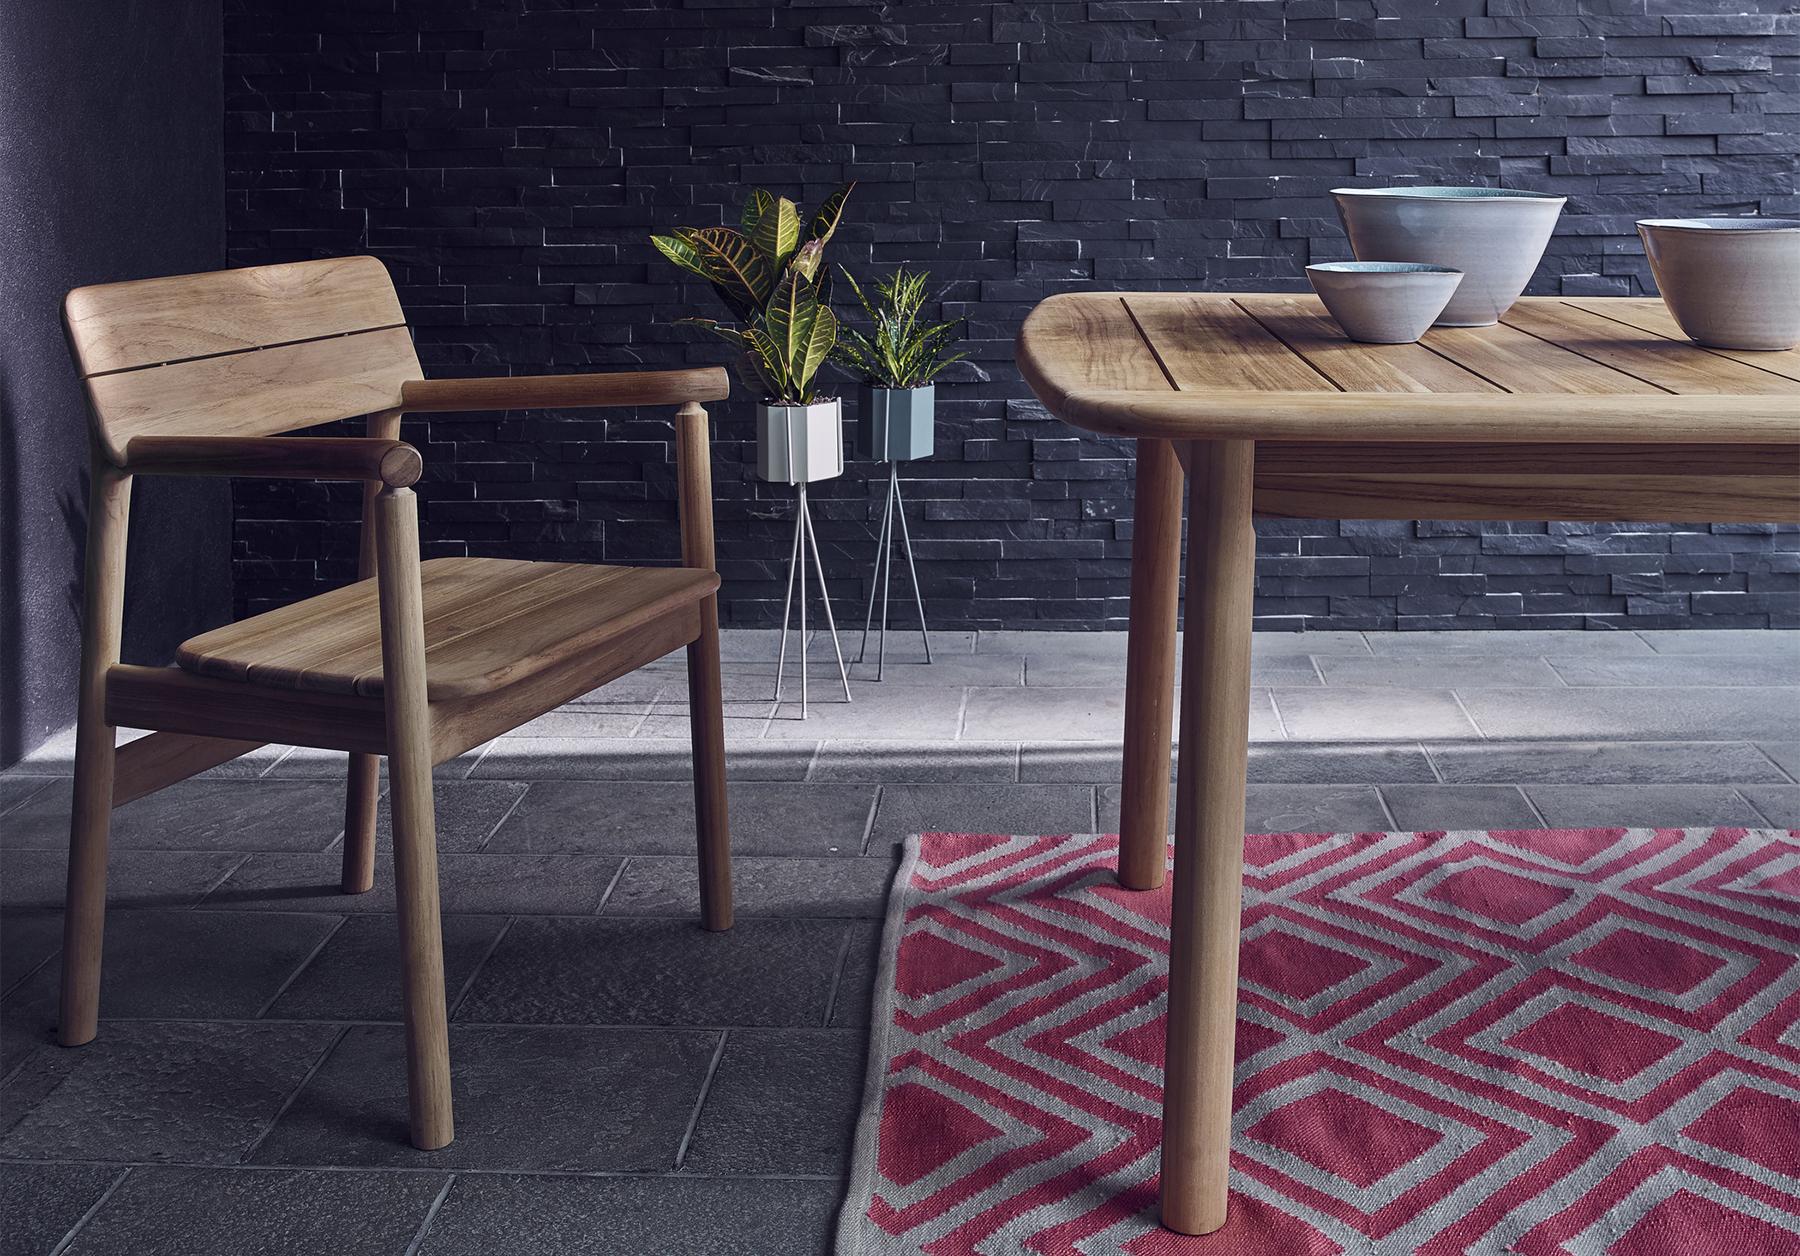 japani 2020 interior design trend